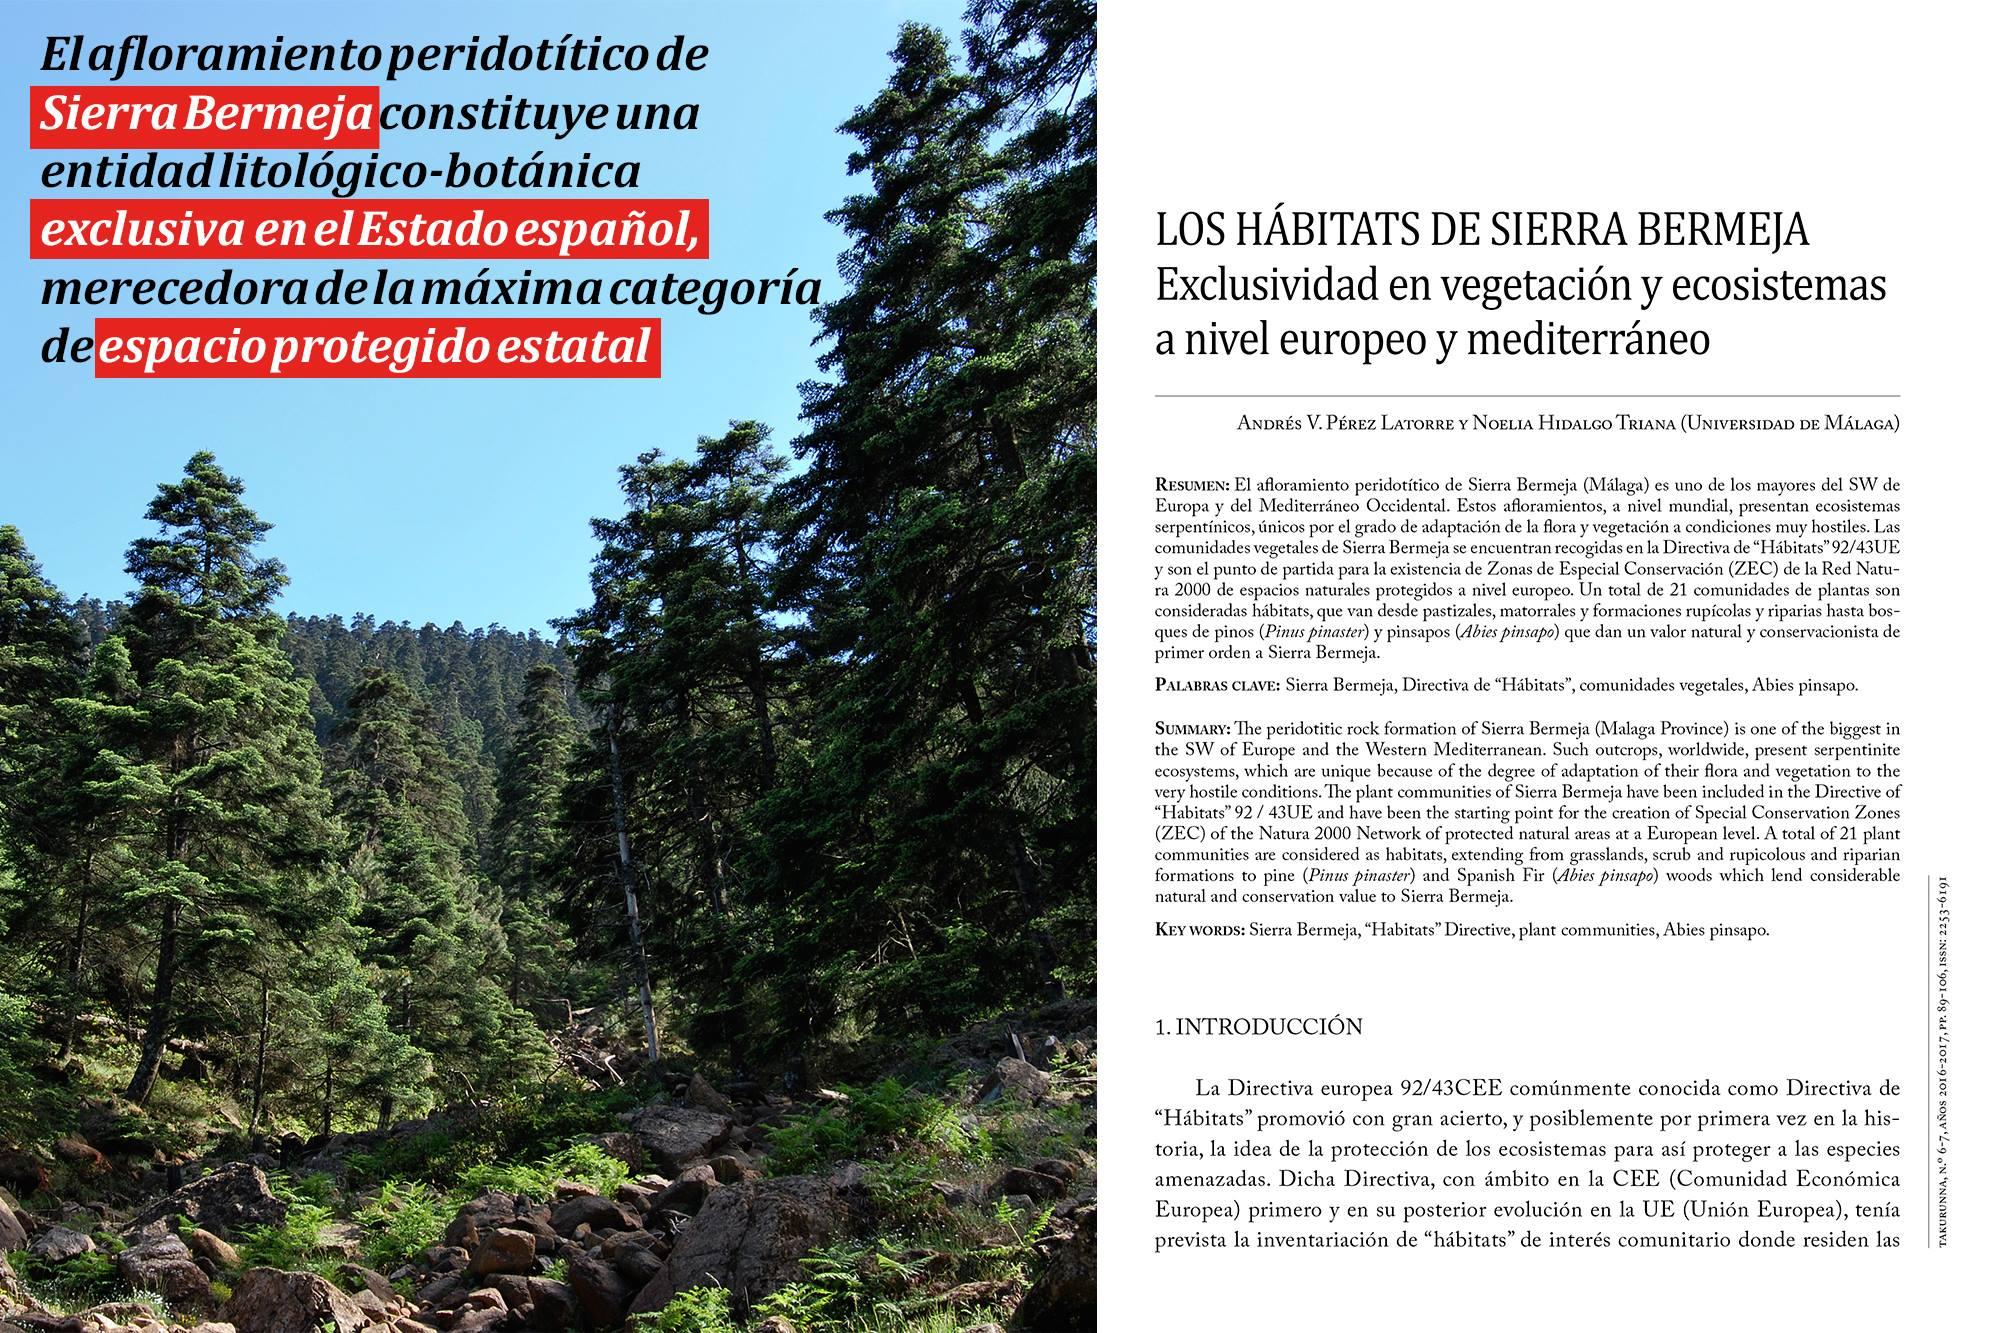 Los hábitats de Sierra Bermeja